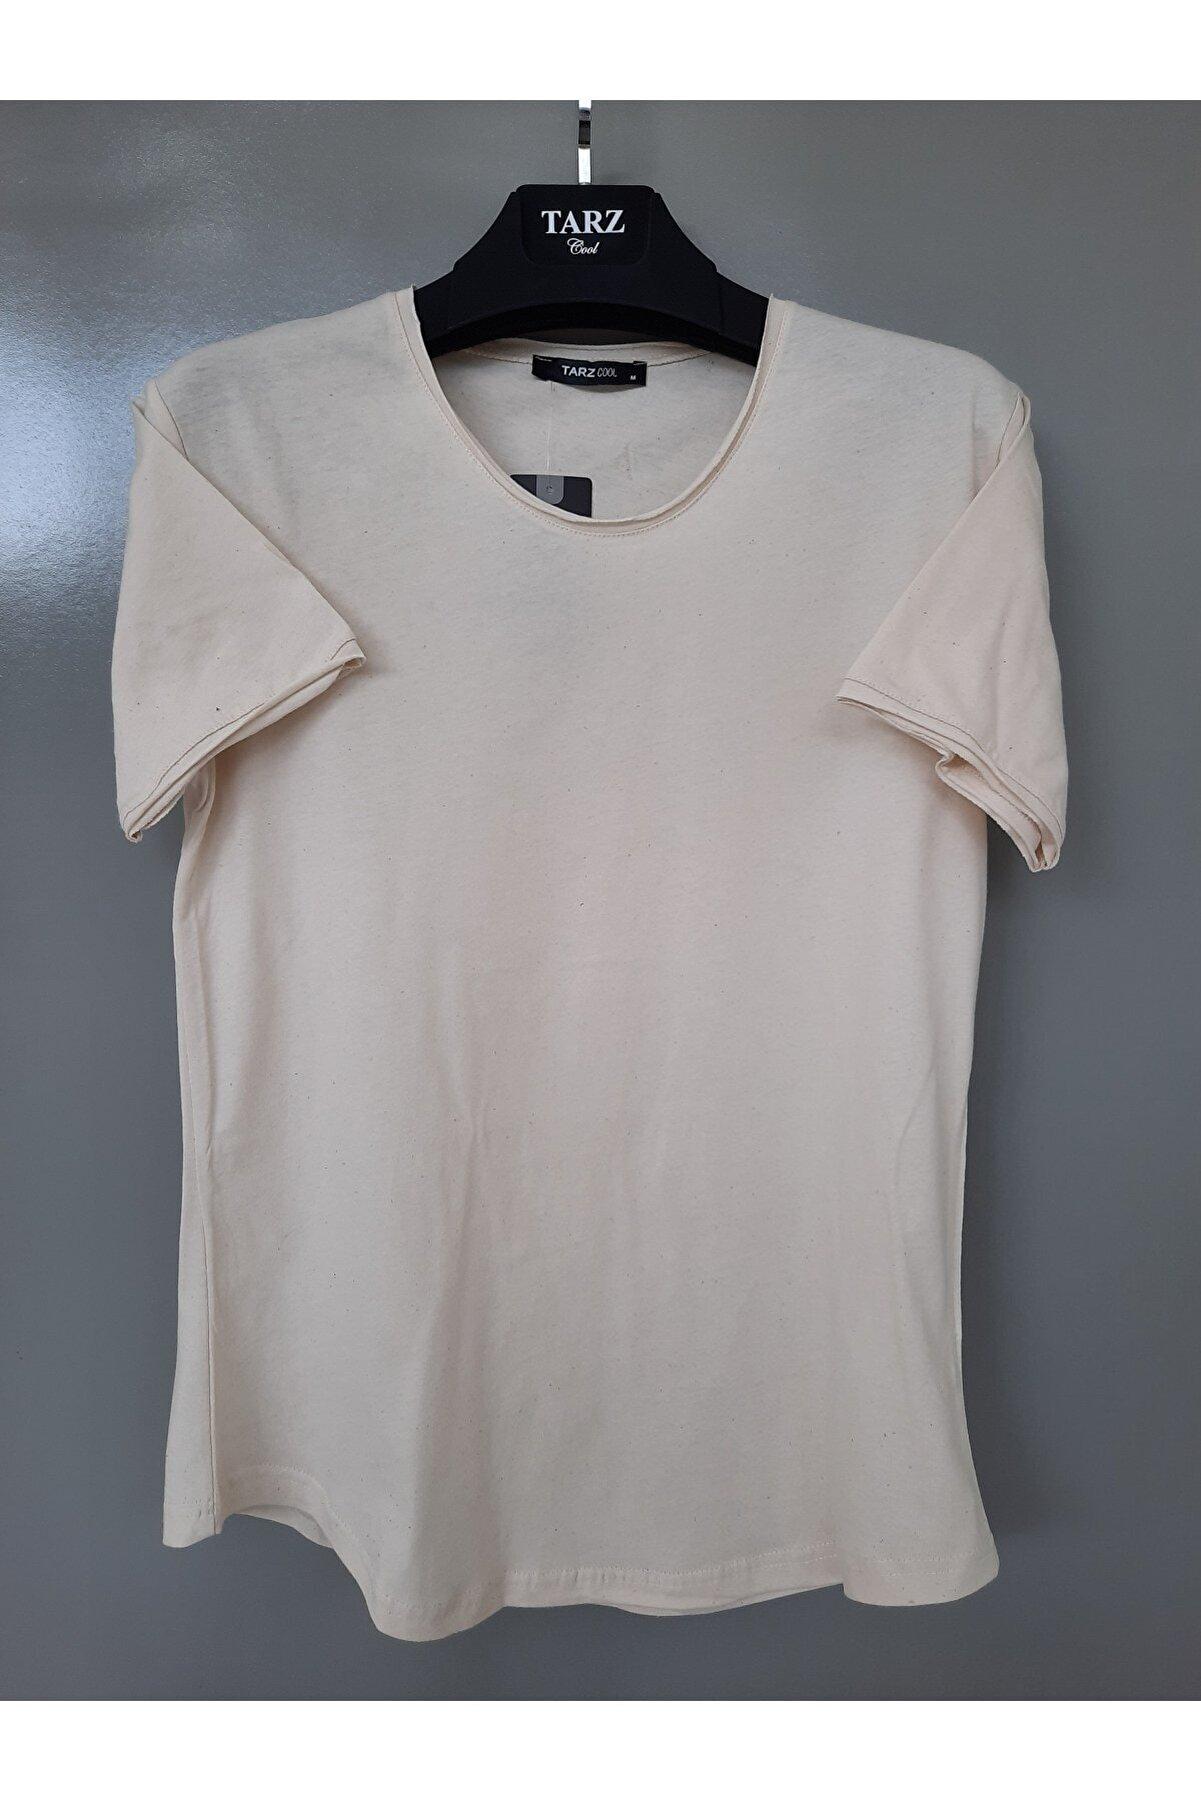 Tarz Cool Erkek Açık Kemik Pis Yaka Salaş T-shirt